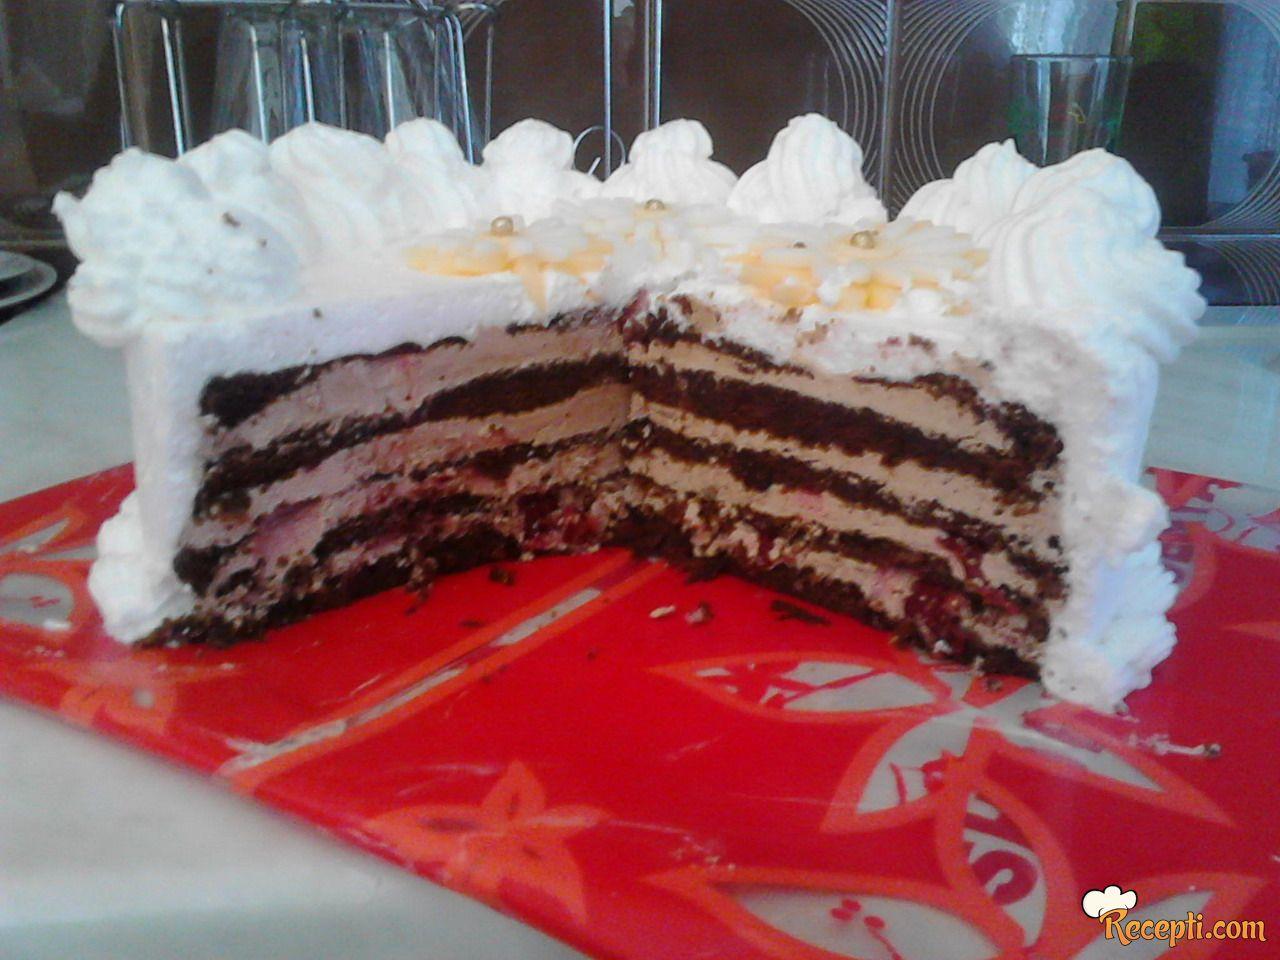 Čokoladna torta sa višnjama (4)